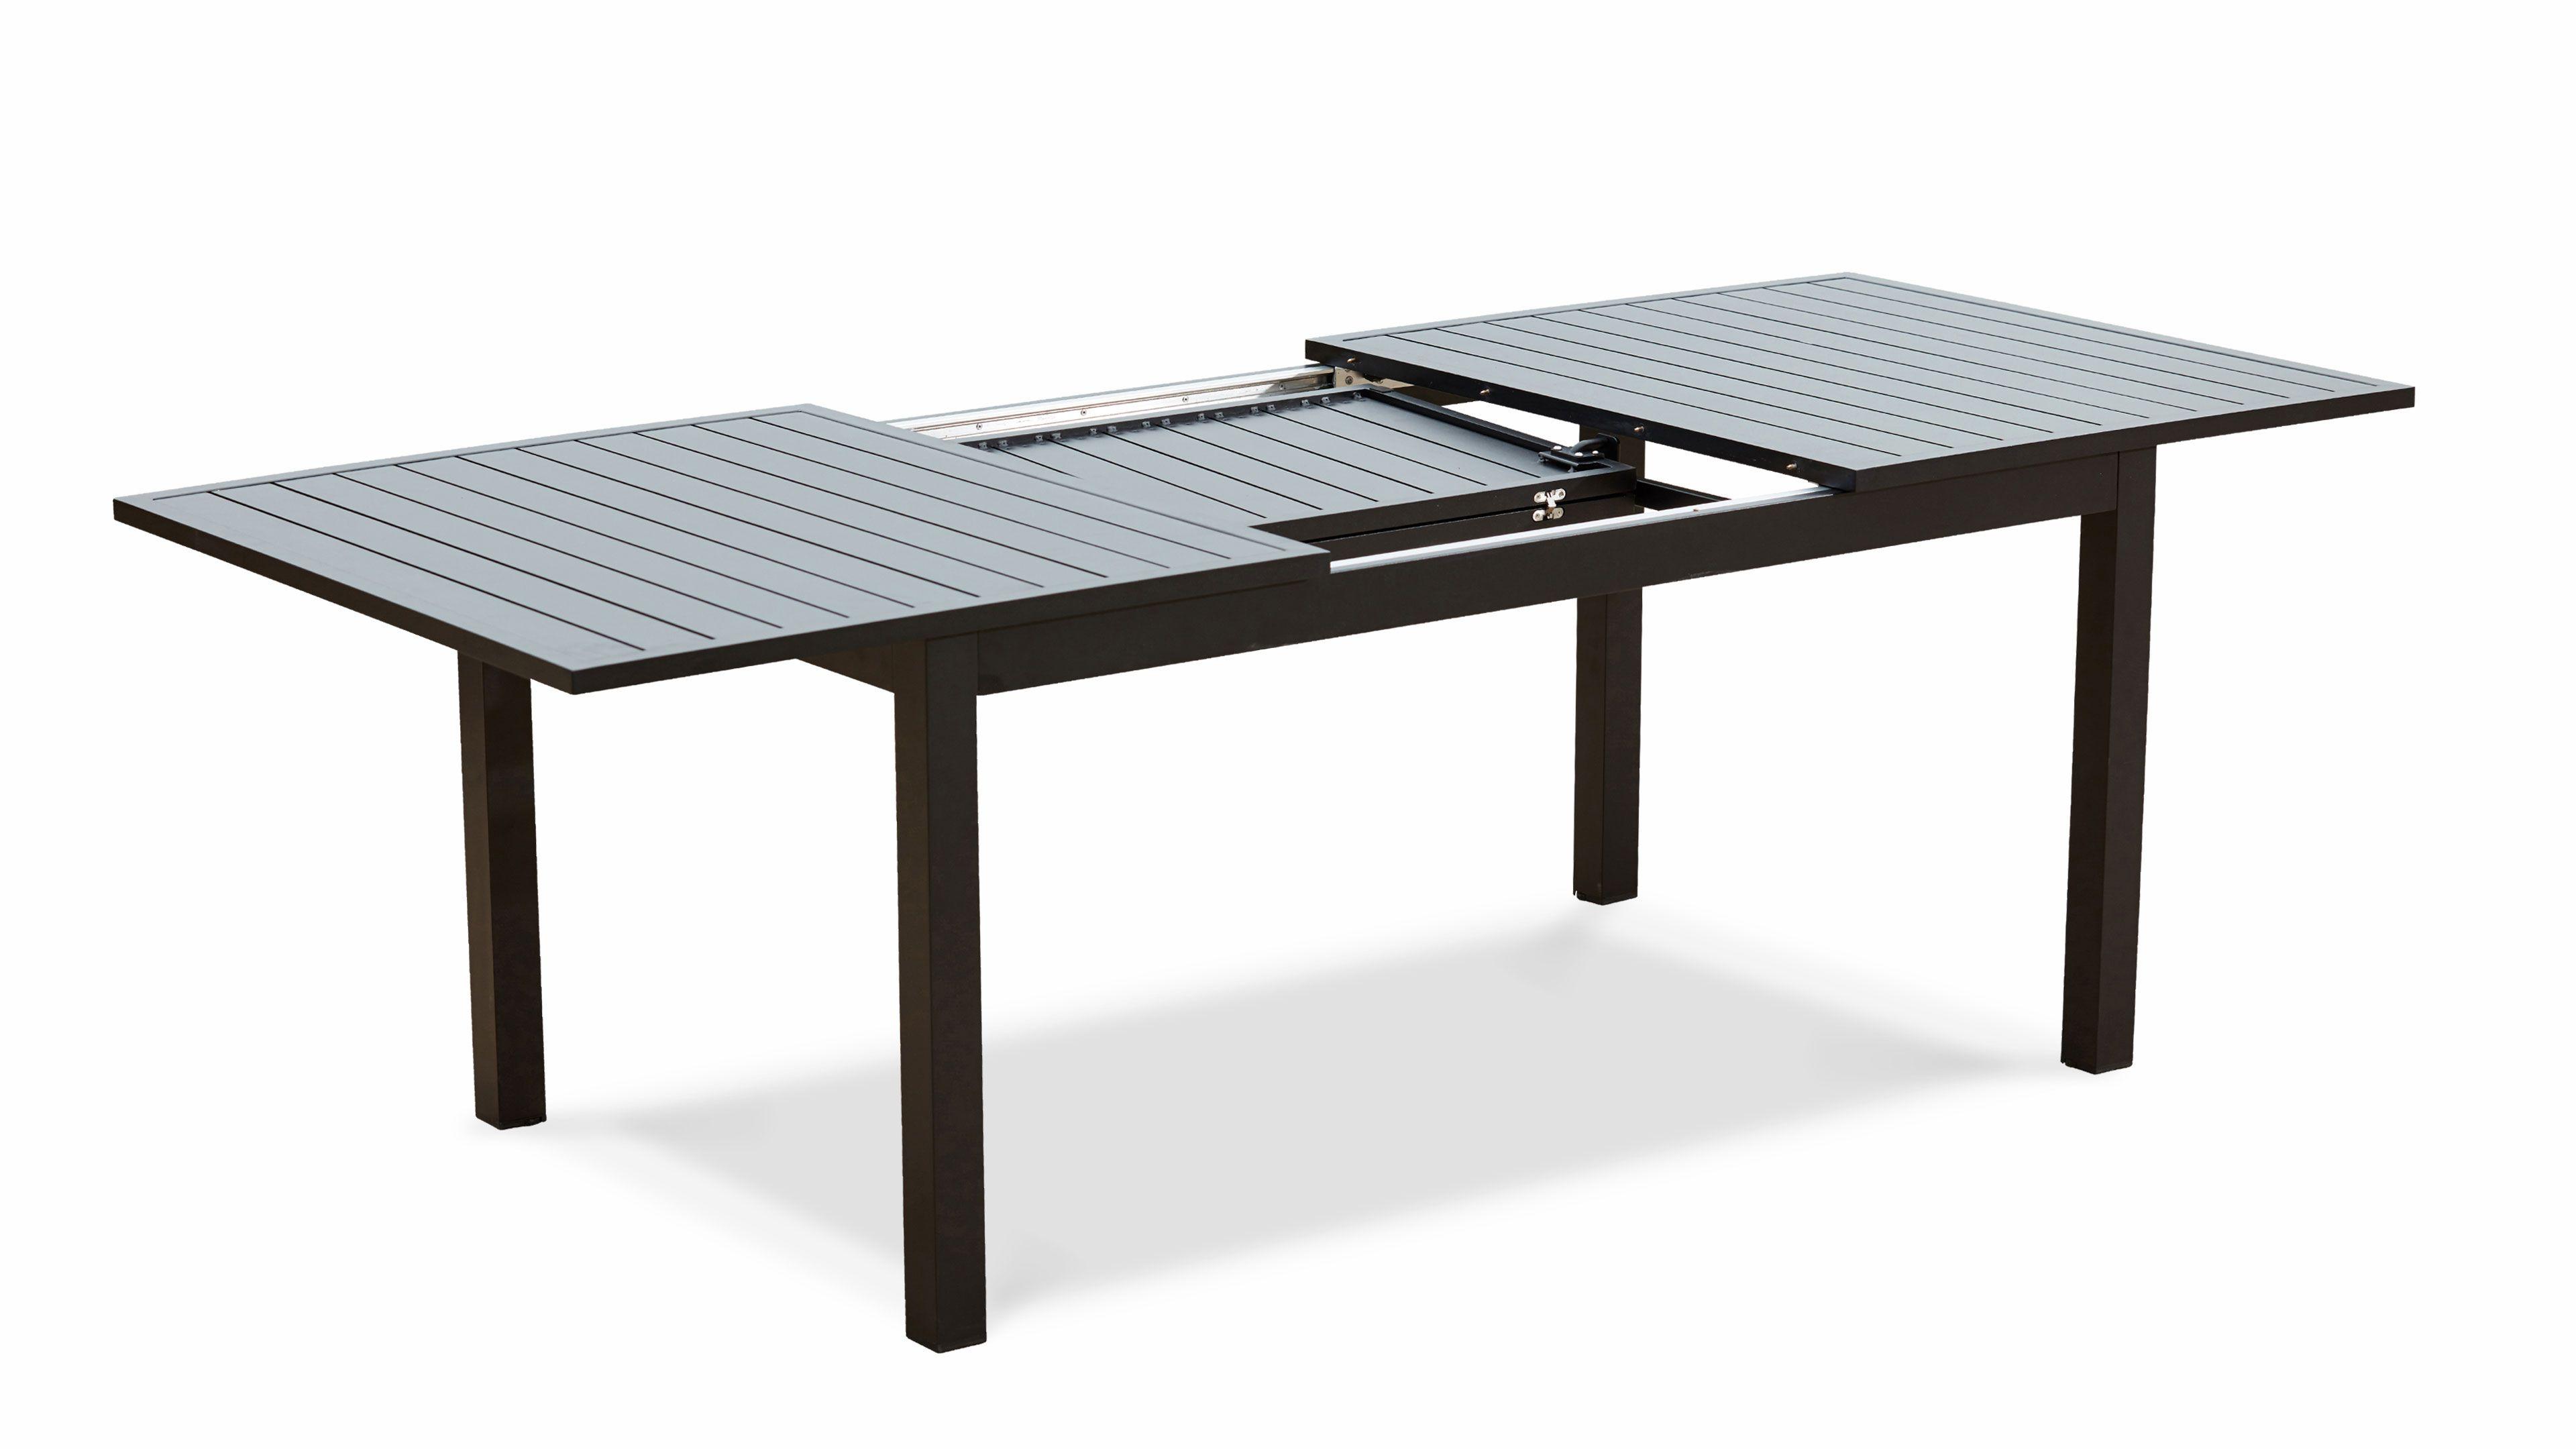 Table Jardin Extensible Rallonge 174/238 Cm Aluminium serapportantà Mobilier Extarieur Pas Cher